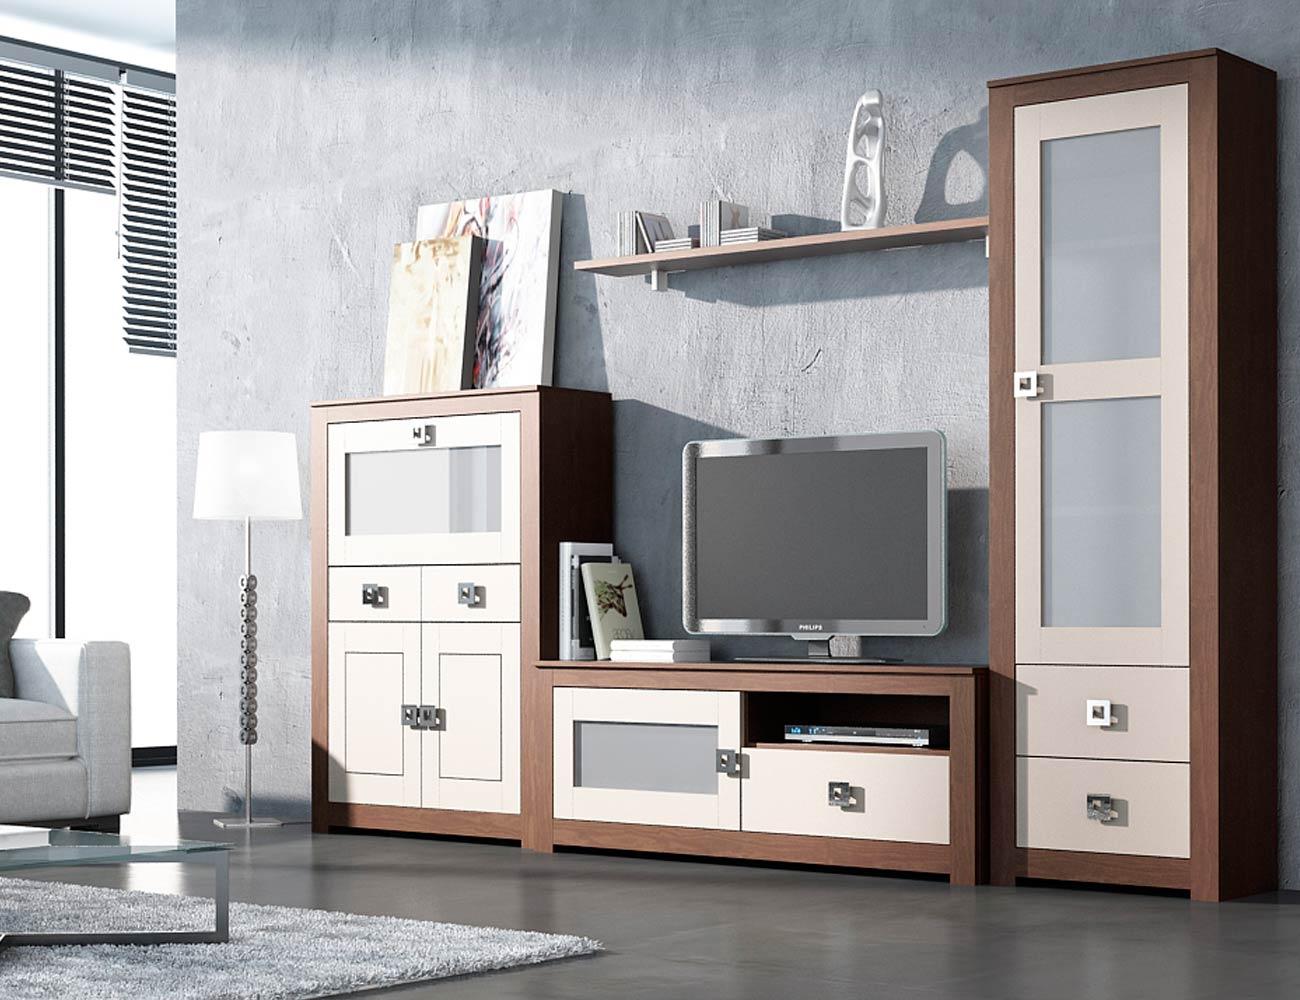 2 mueble salon modular nogal piedra madera dm